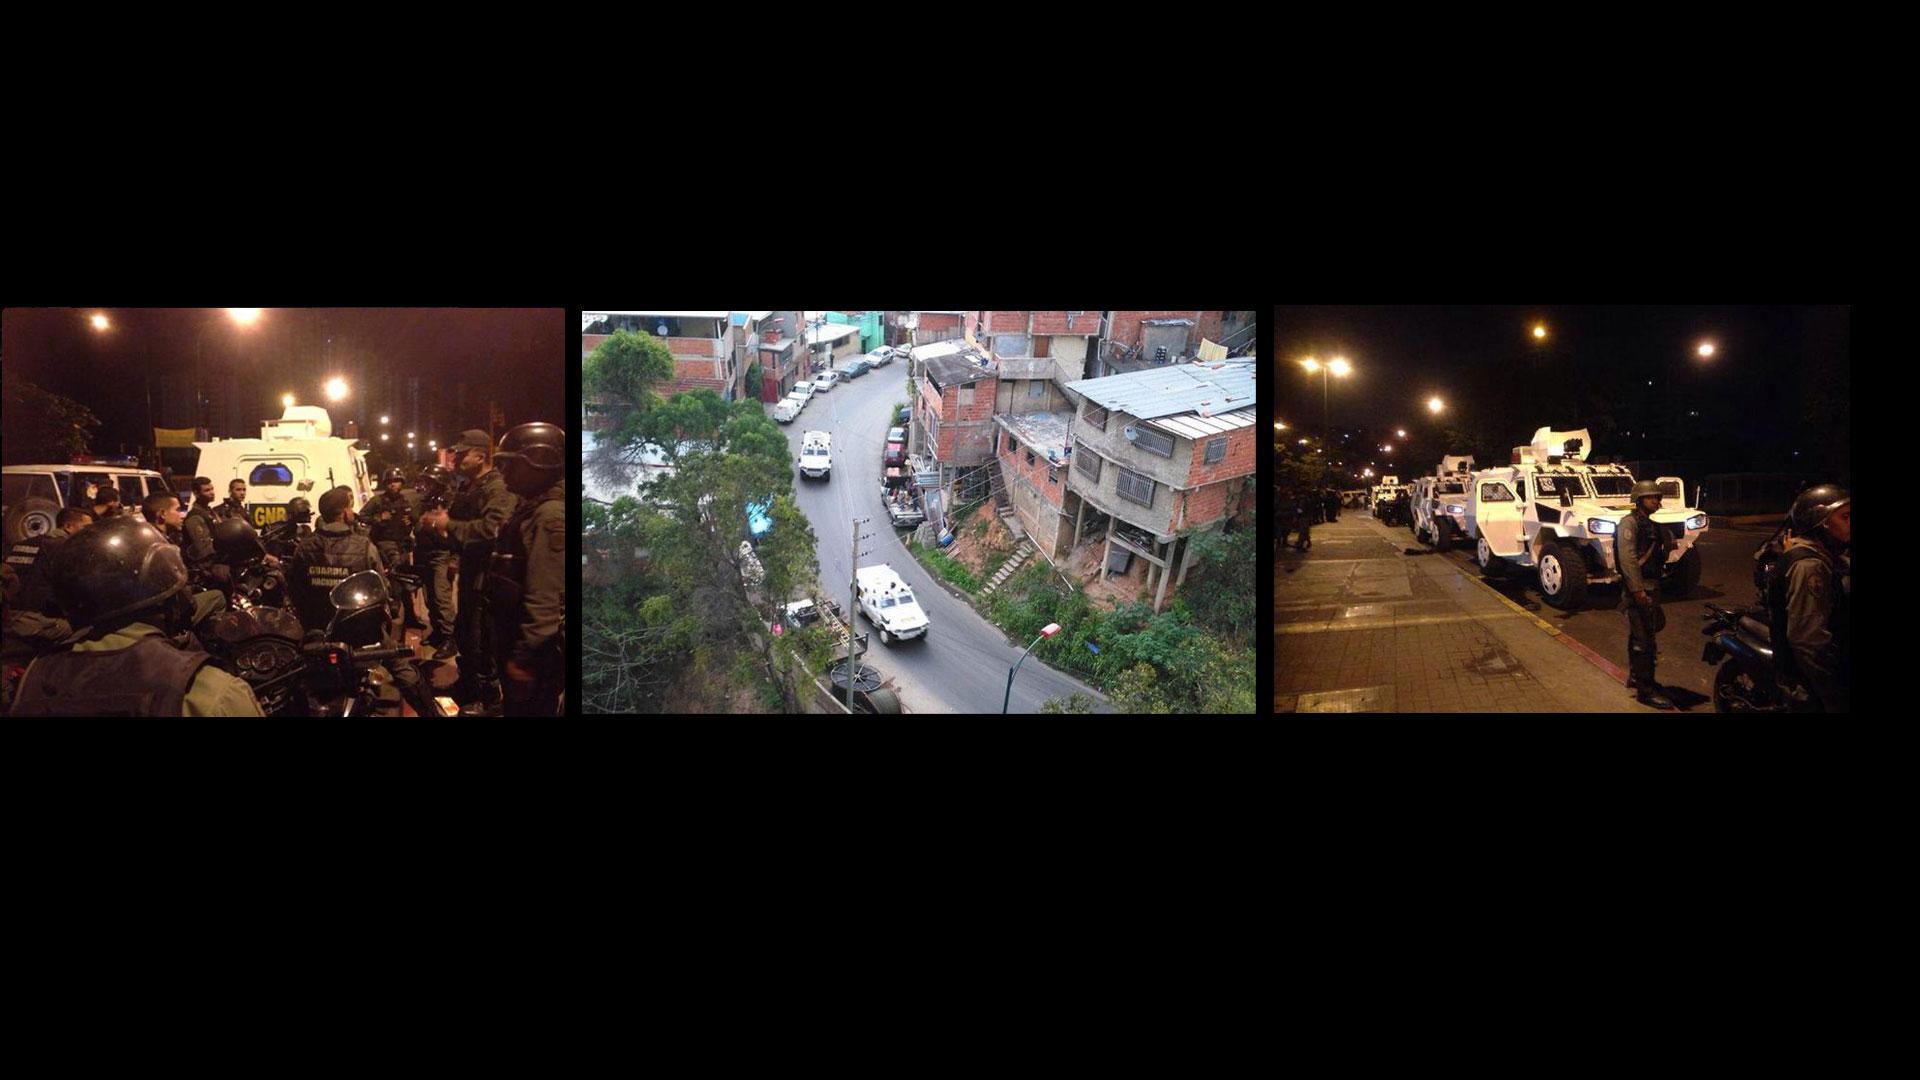 Desde tempranas horas de la mañana se reporta la presencia de numerosas vehículos blindados pertenecientes a la Guardia Nacional